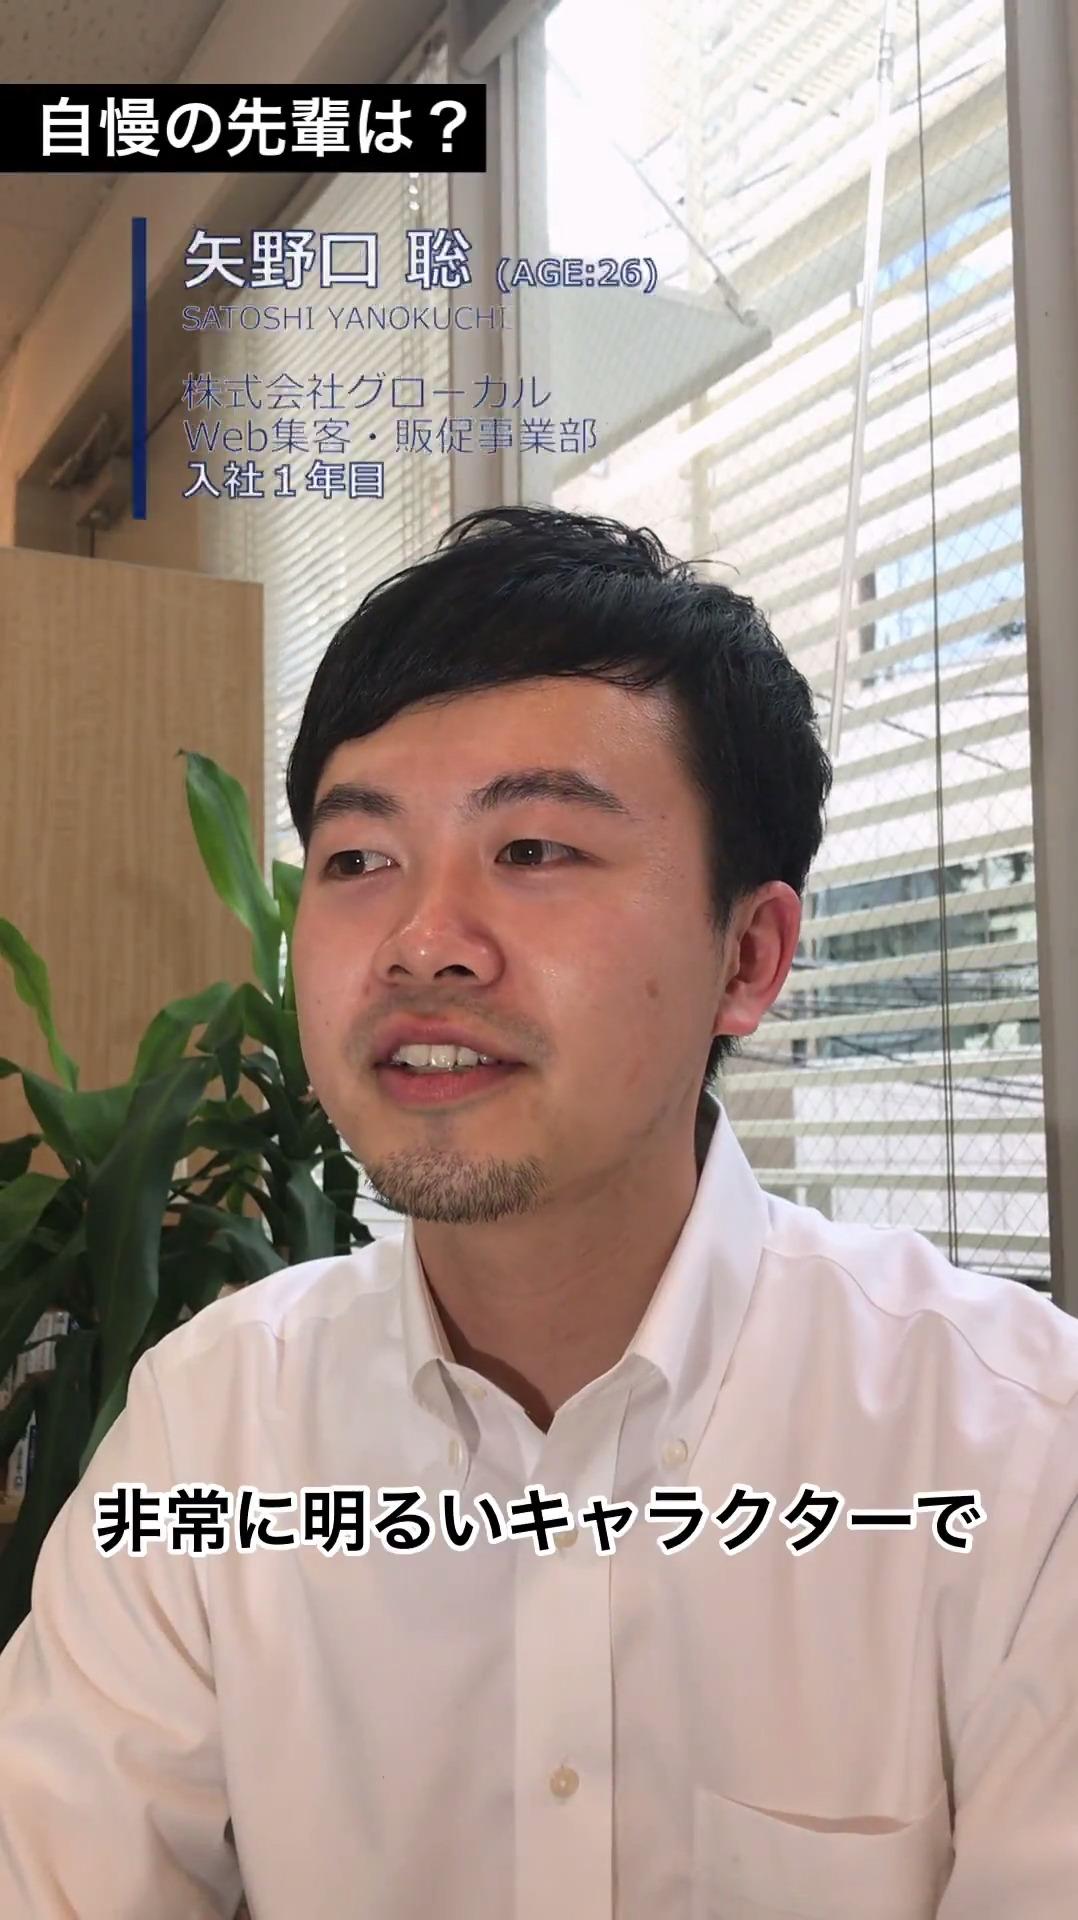 コンサルタント未経験の入社1年目社員が、上司の事業部長について語る【採用動画】